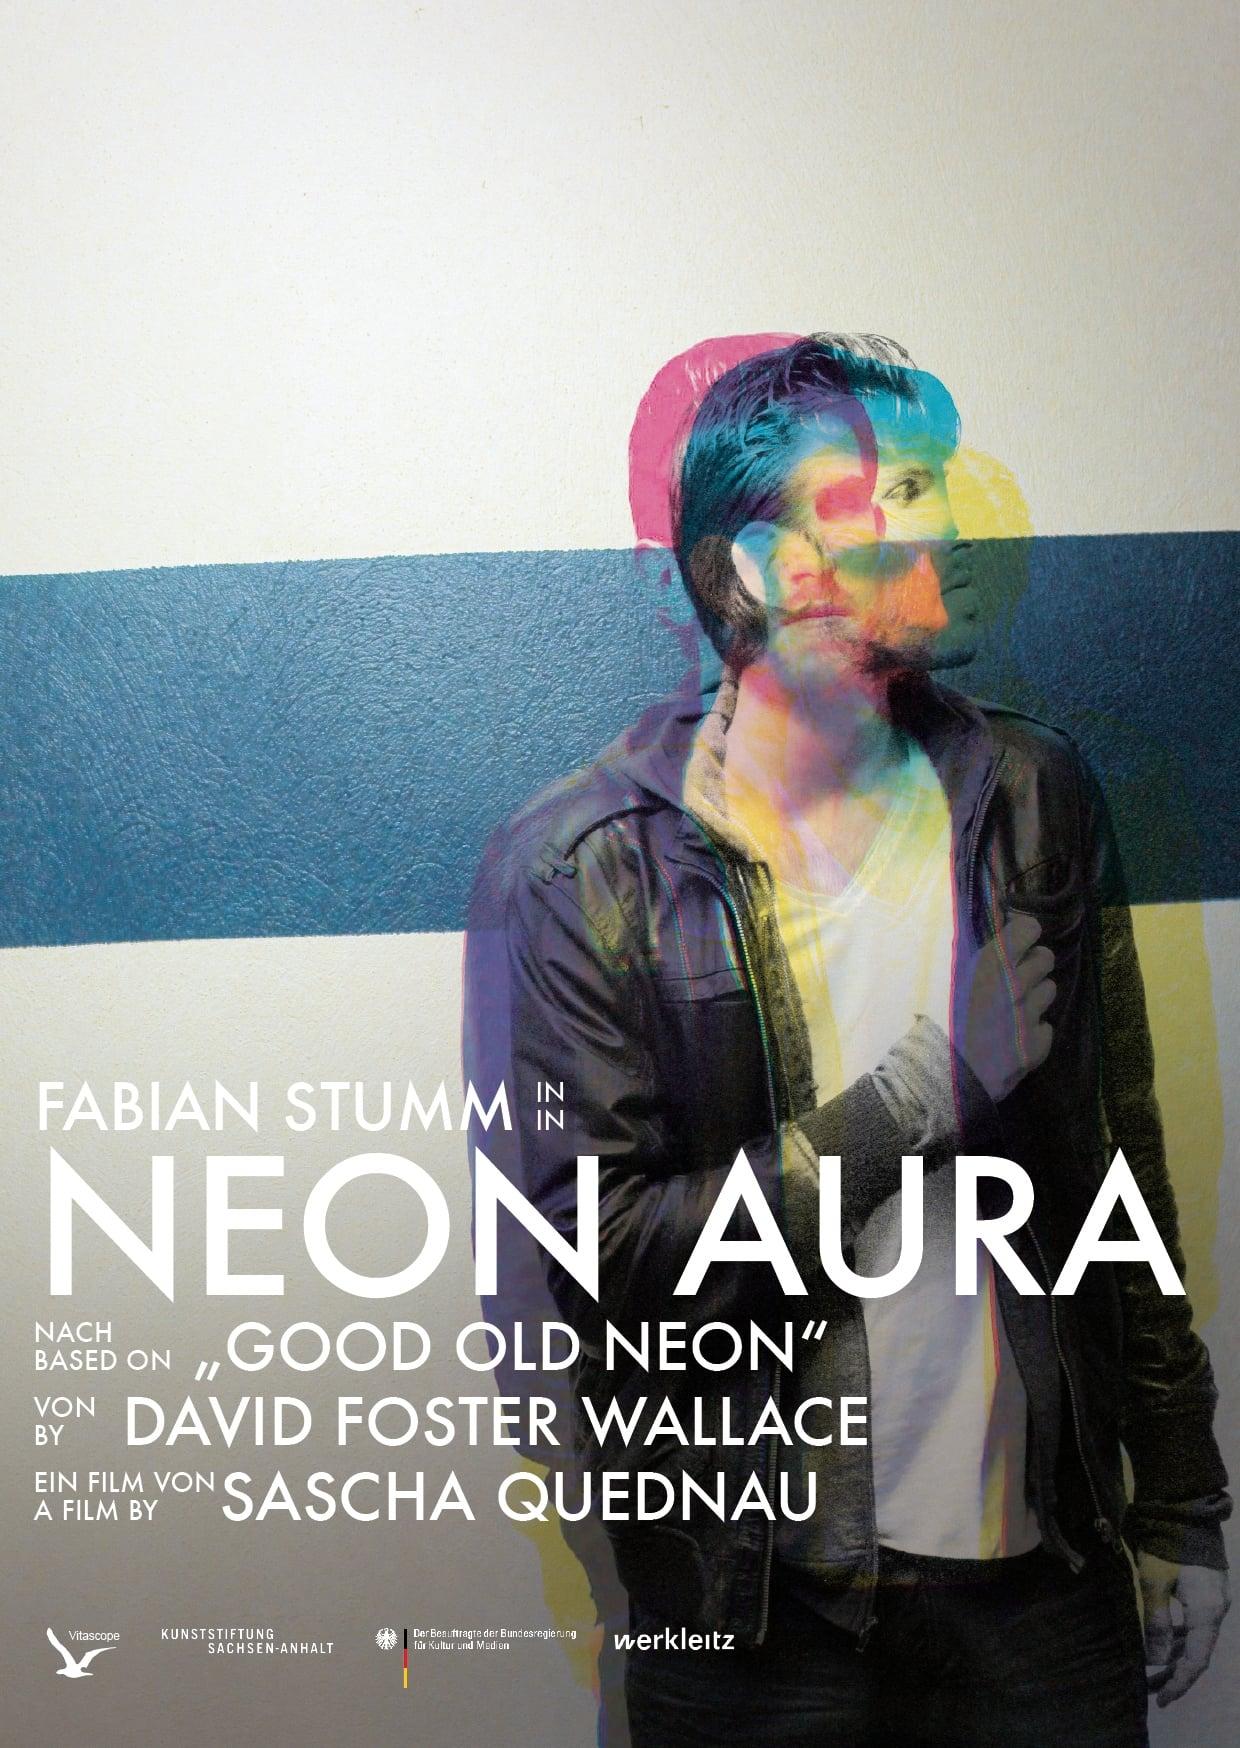 Neon Aura